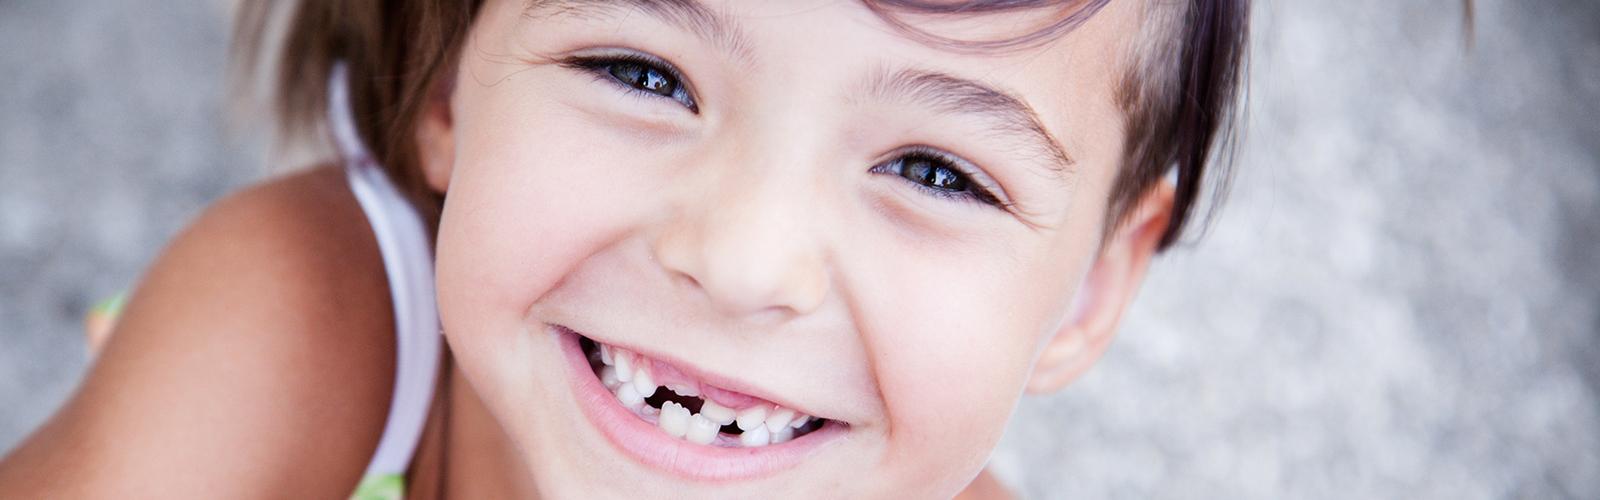 Dziecko z usuniętymi zębami mlecznymi